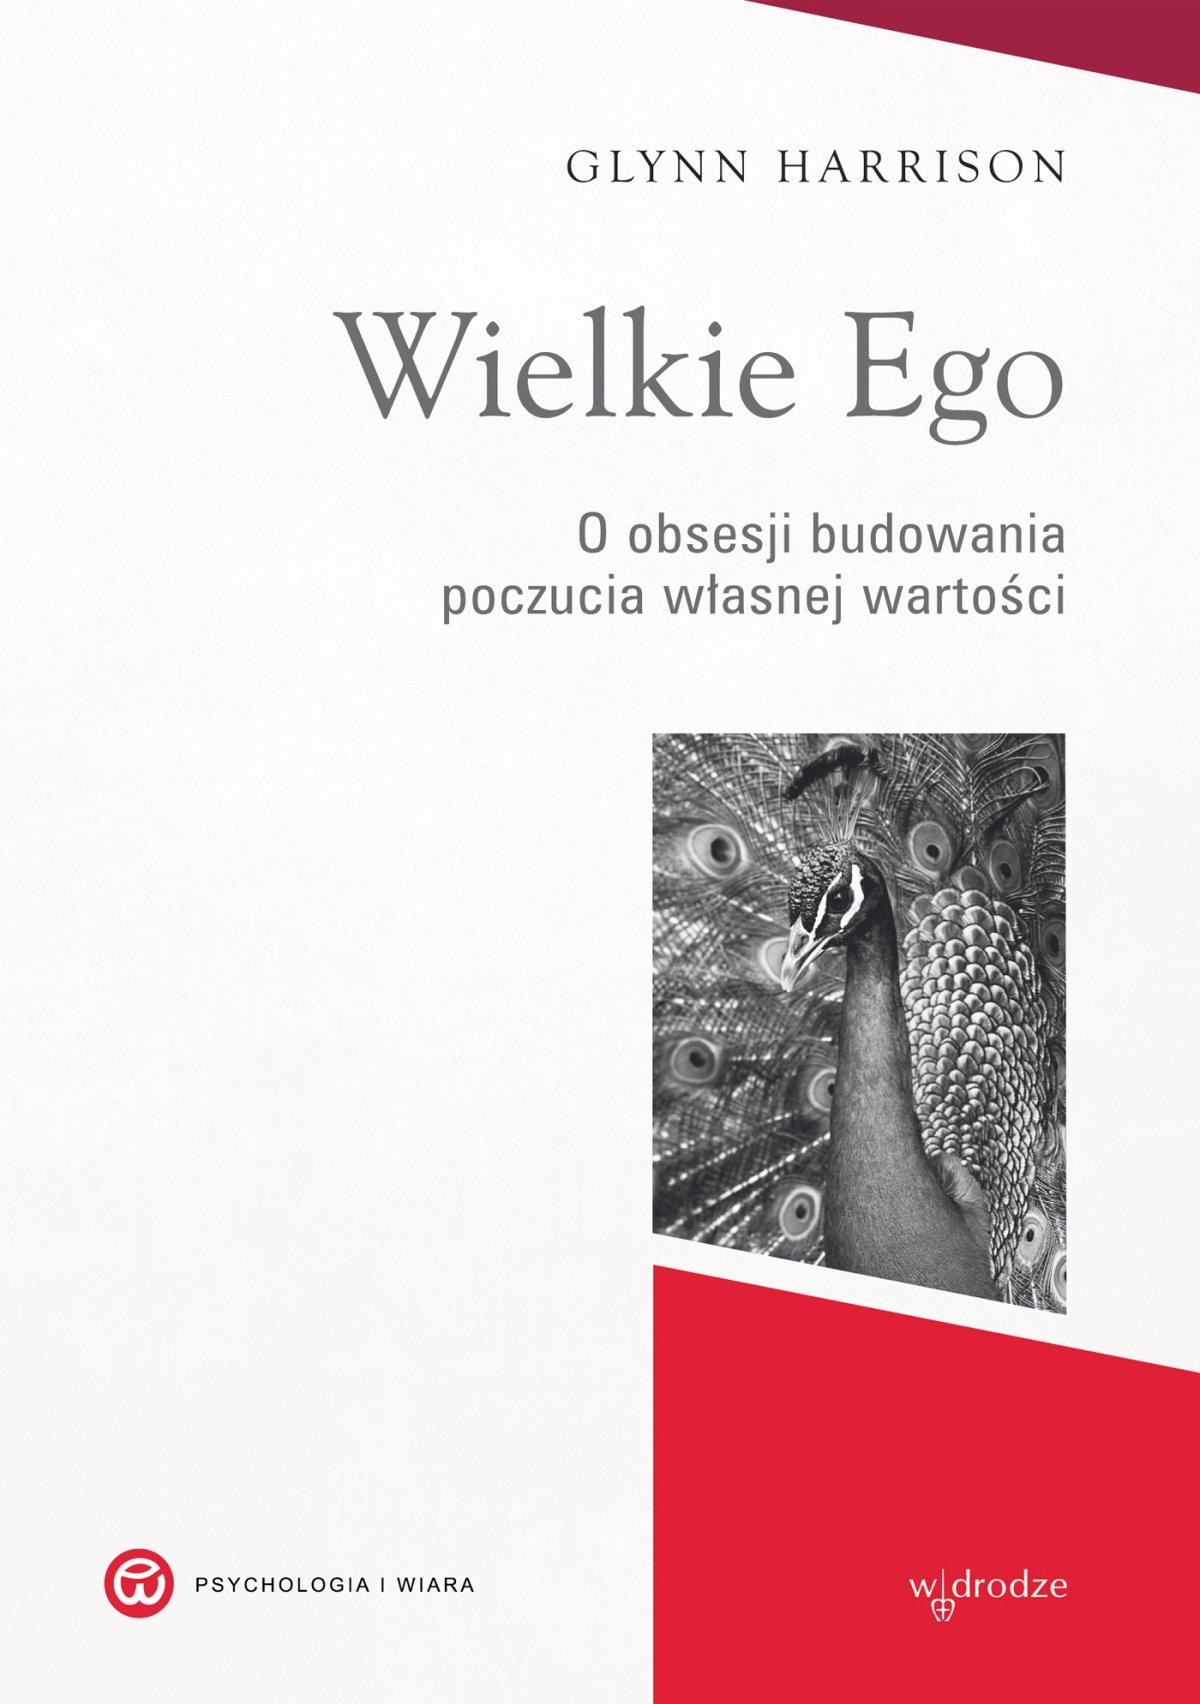 Wielkie Ego. O obsesji budowania własnej wartości - Ebook (Książka EPUB) do pobrania w formacie EPUB